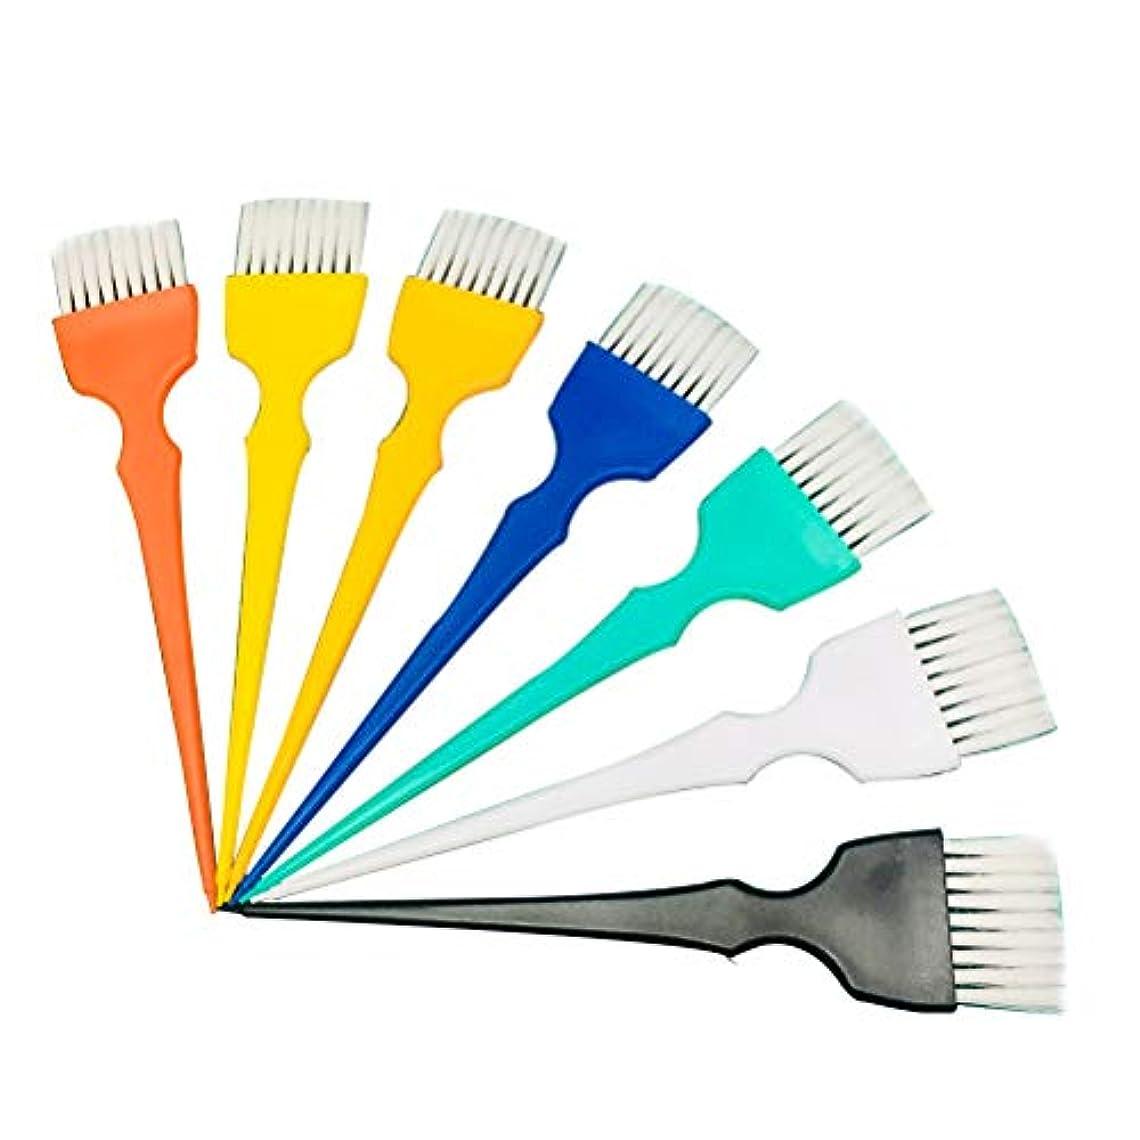 完璧れるブラシFrcolor ヘアダイブラシ ヘアカラーブラシ ヘアダイコーム 白髪染め 家庭用 美容師プロ用 プラスチック製 7本セット(ランダムカラー)